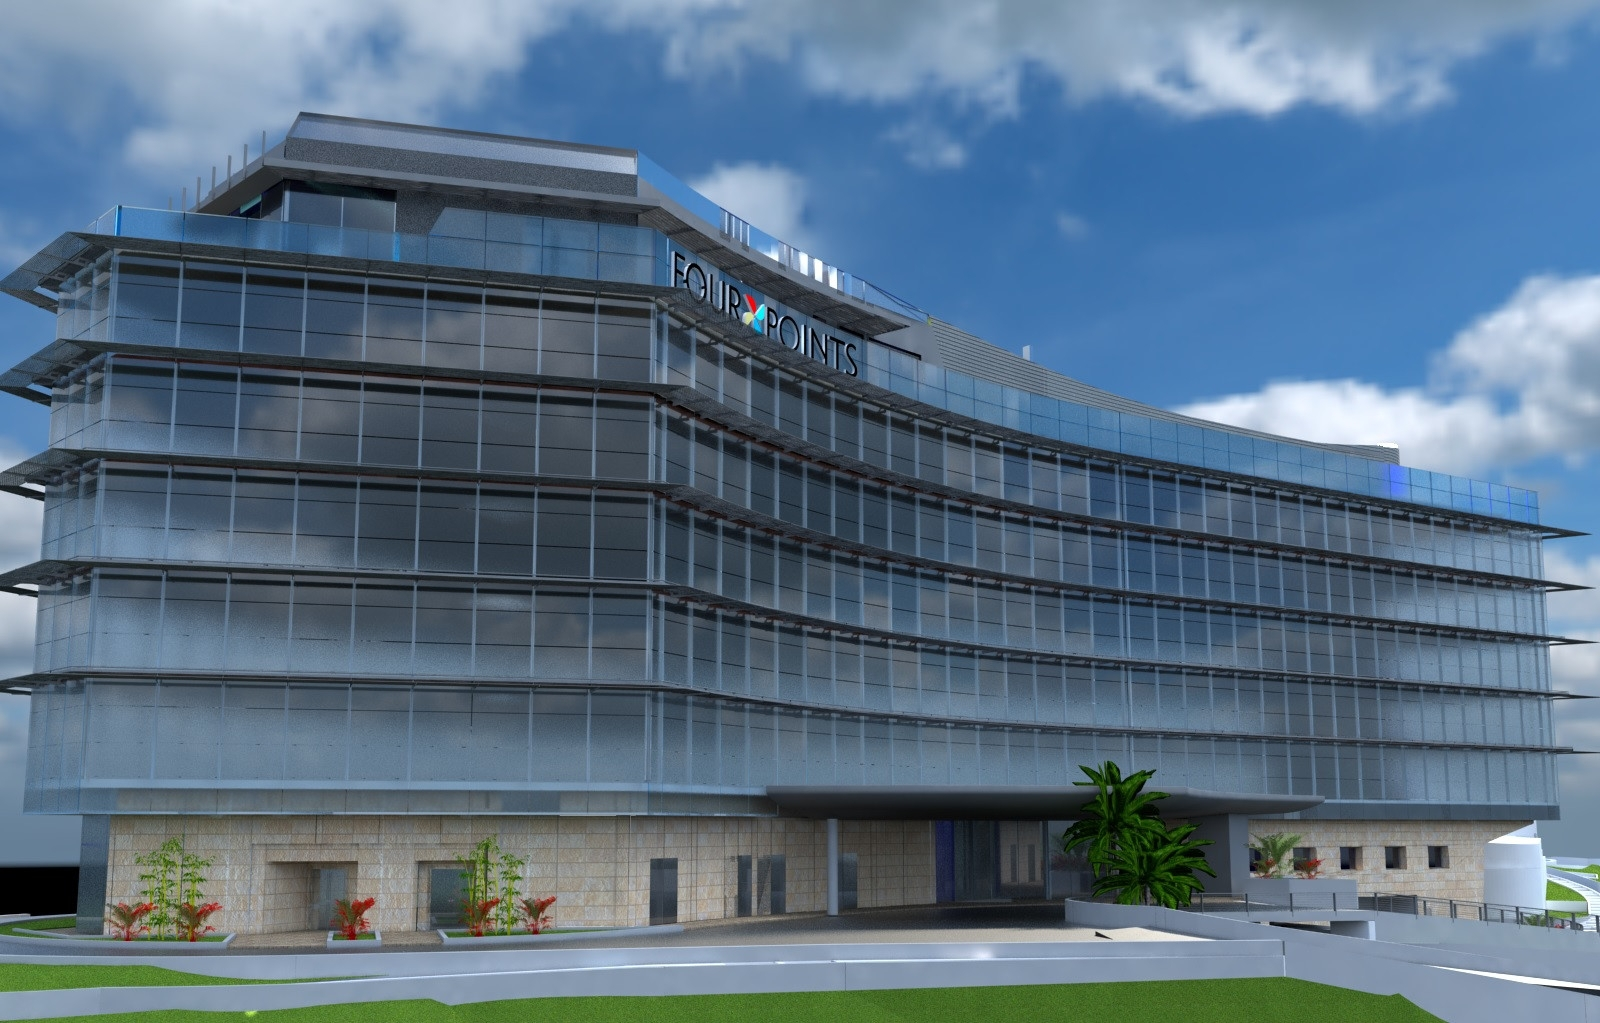 Starwood Hotels Resorts Accélère Sa Croissance En Afrique Et Dans La Région De L Océan Inn Ouvrant Sept Nouveaux Hôtels Business Wire